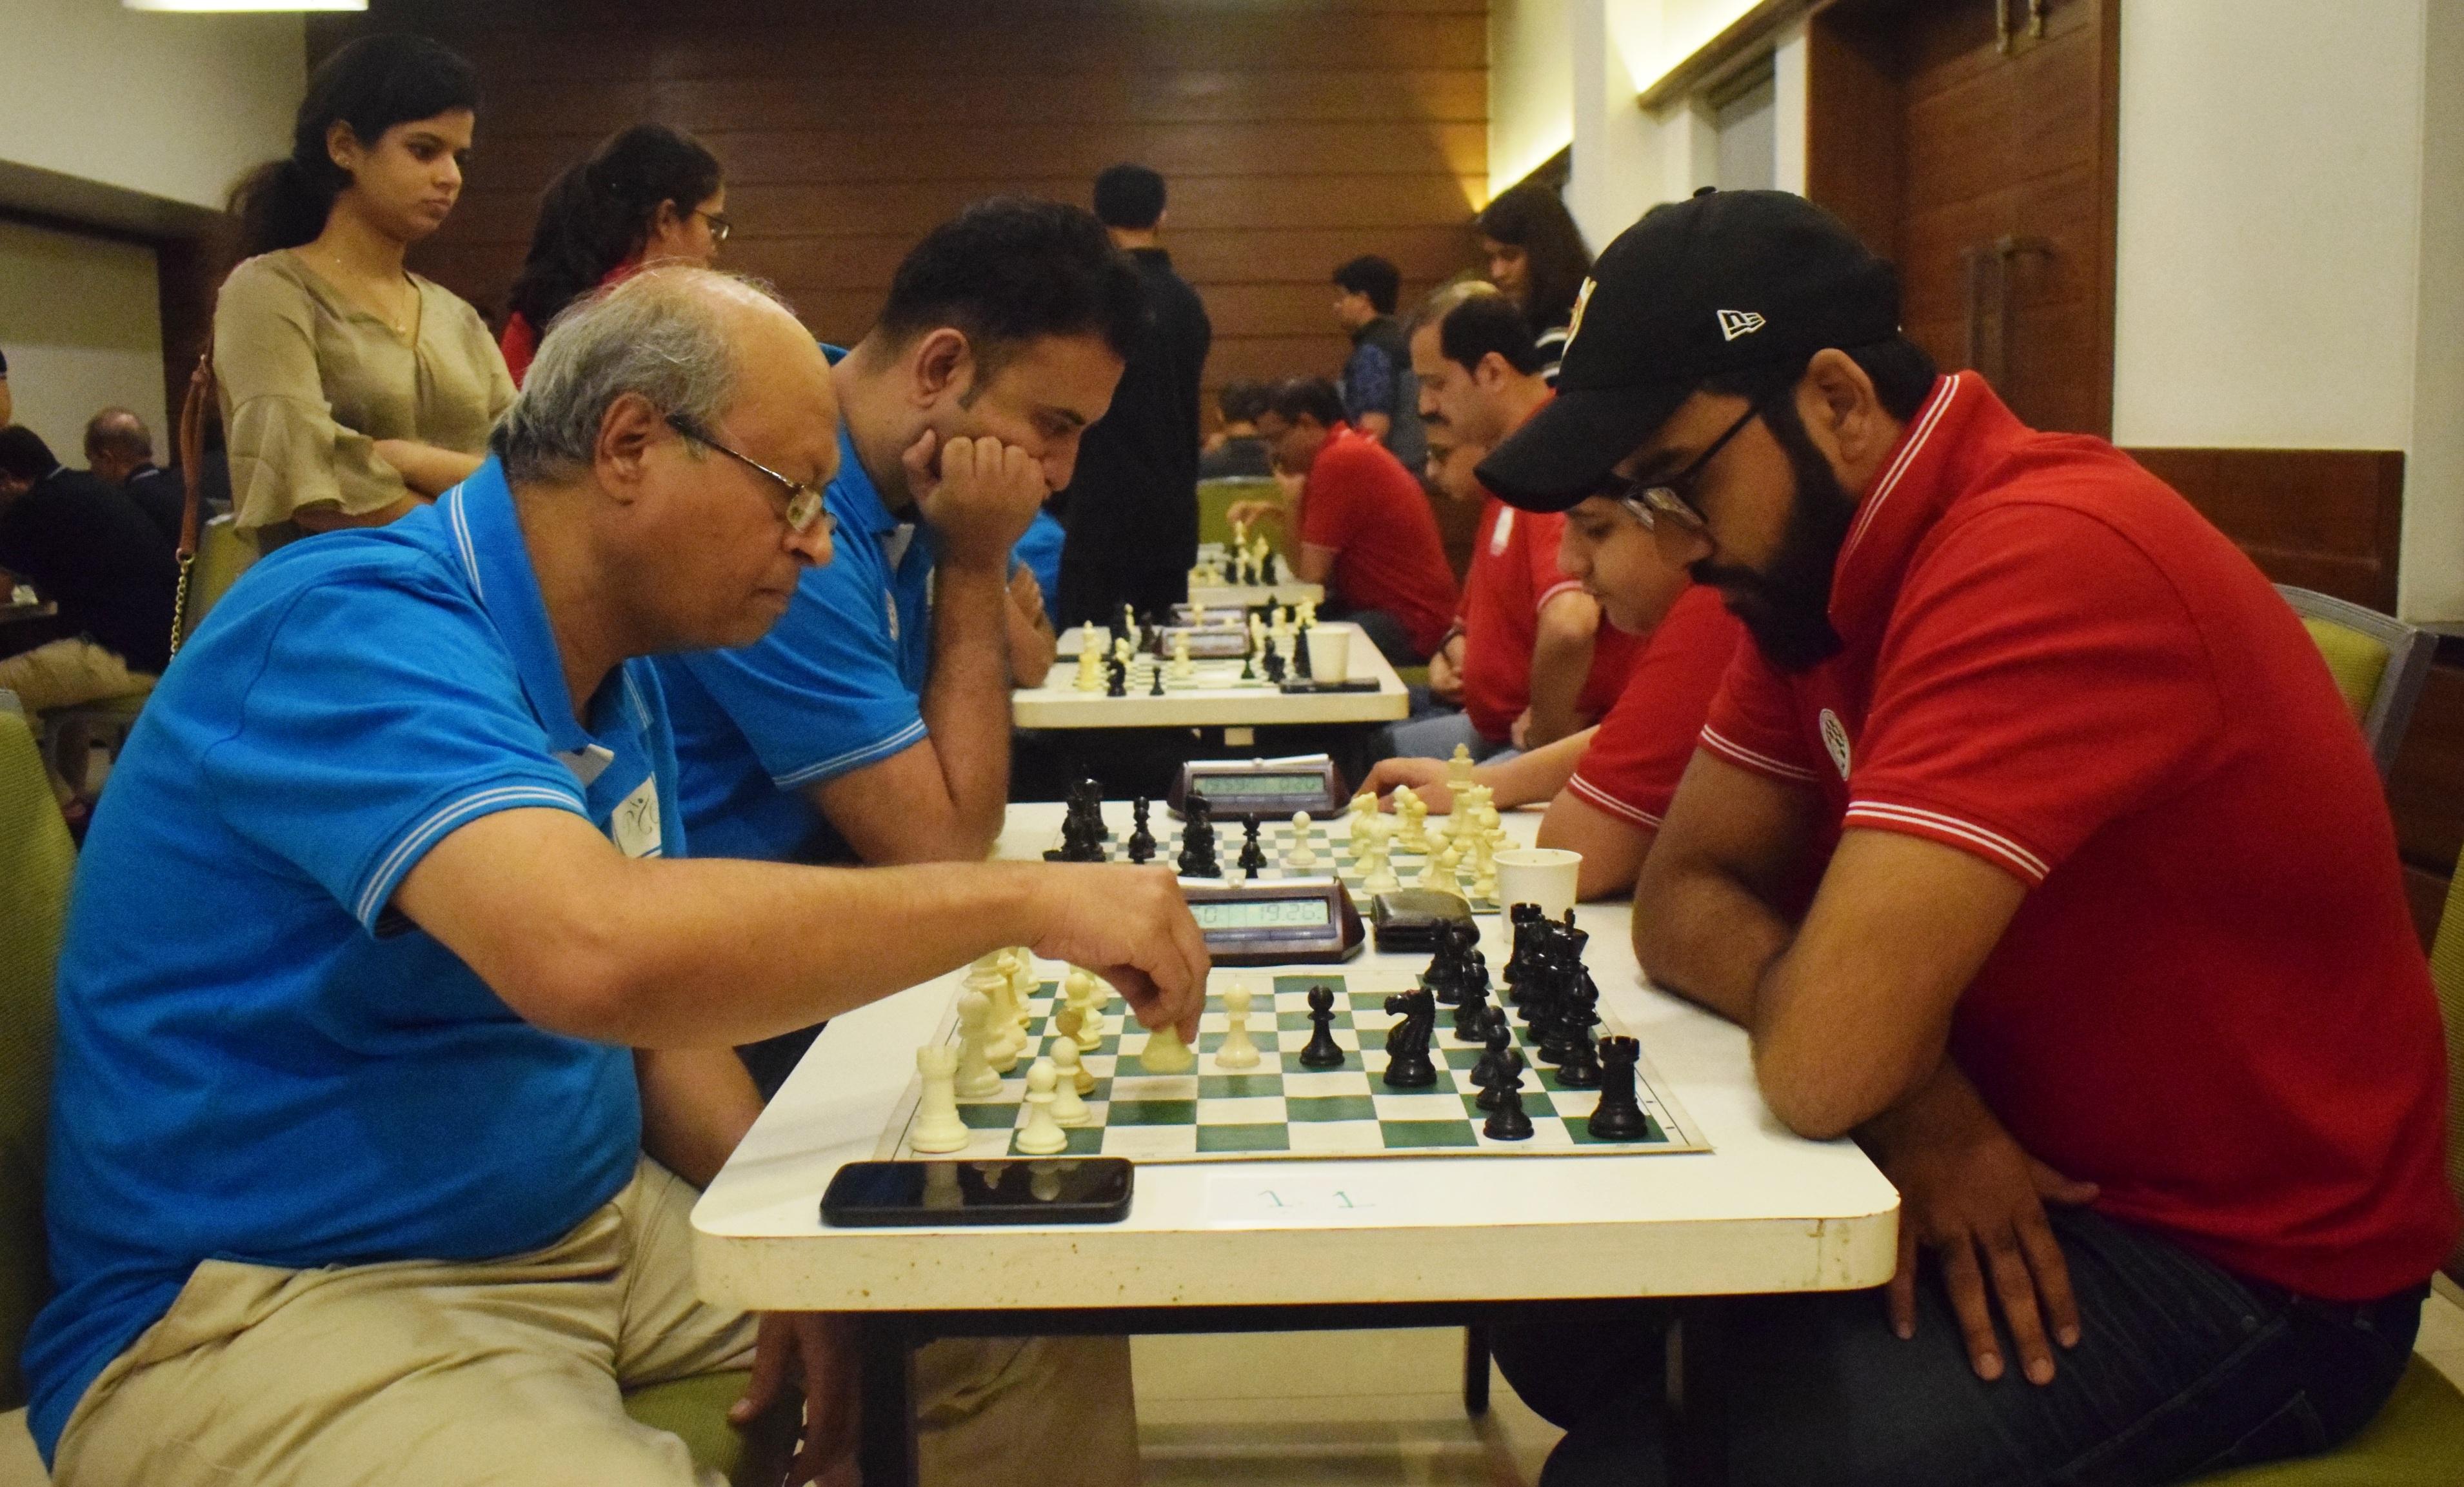 पीवायसी बुद्धिबळ लीग 2019 स्पर्धेत गोल्डन किंग व  7 नाईट्स यांच्यात विजेतेपदासाठी लढत